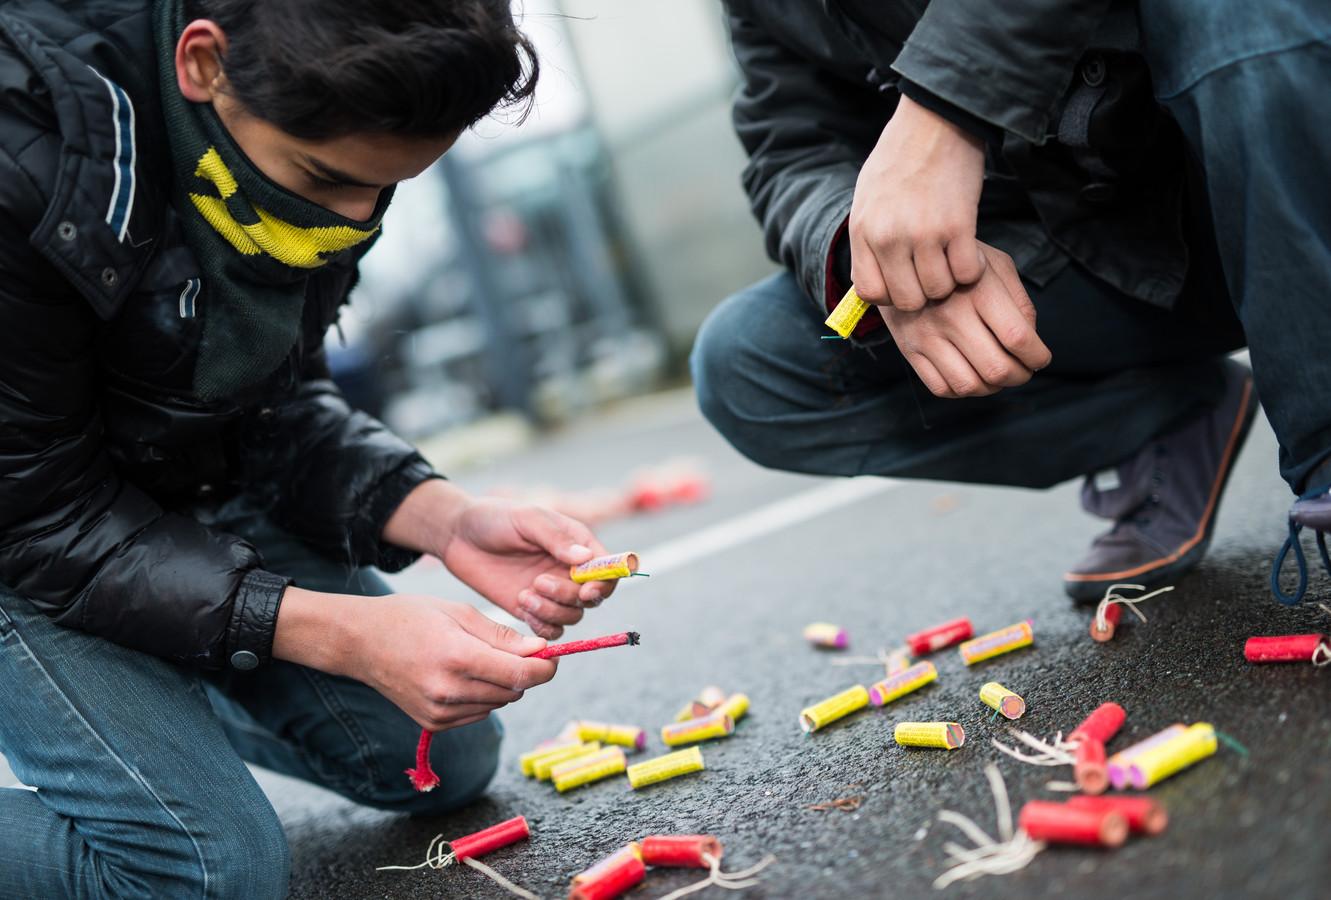 Een jongen steekt vuurwerk af op straat.